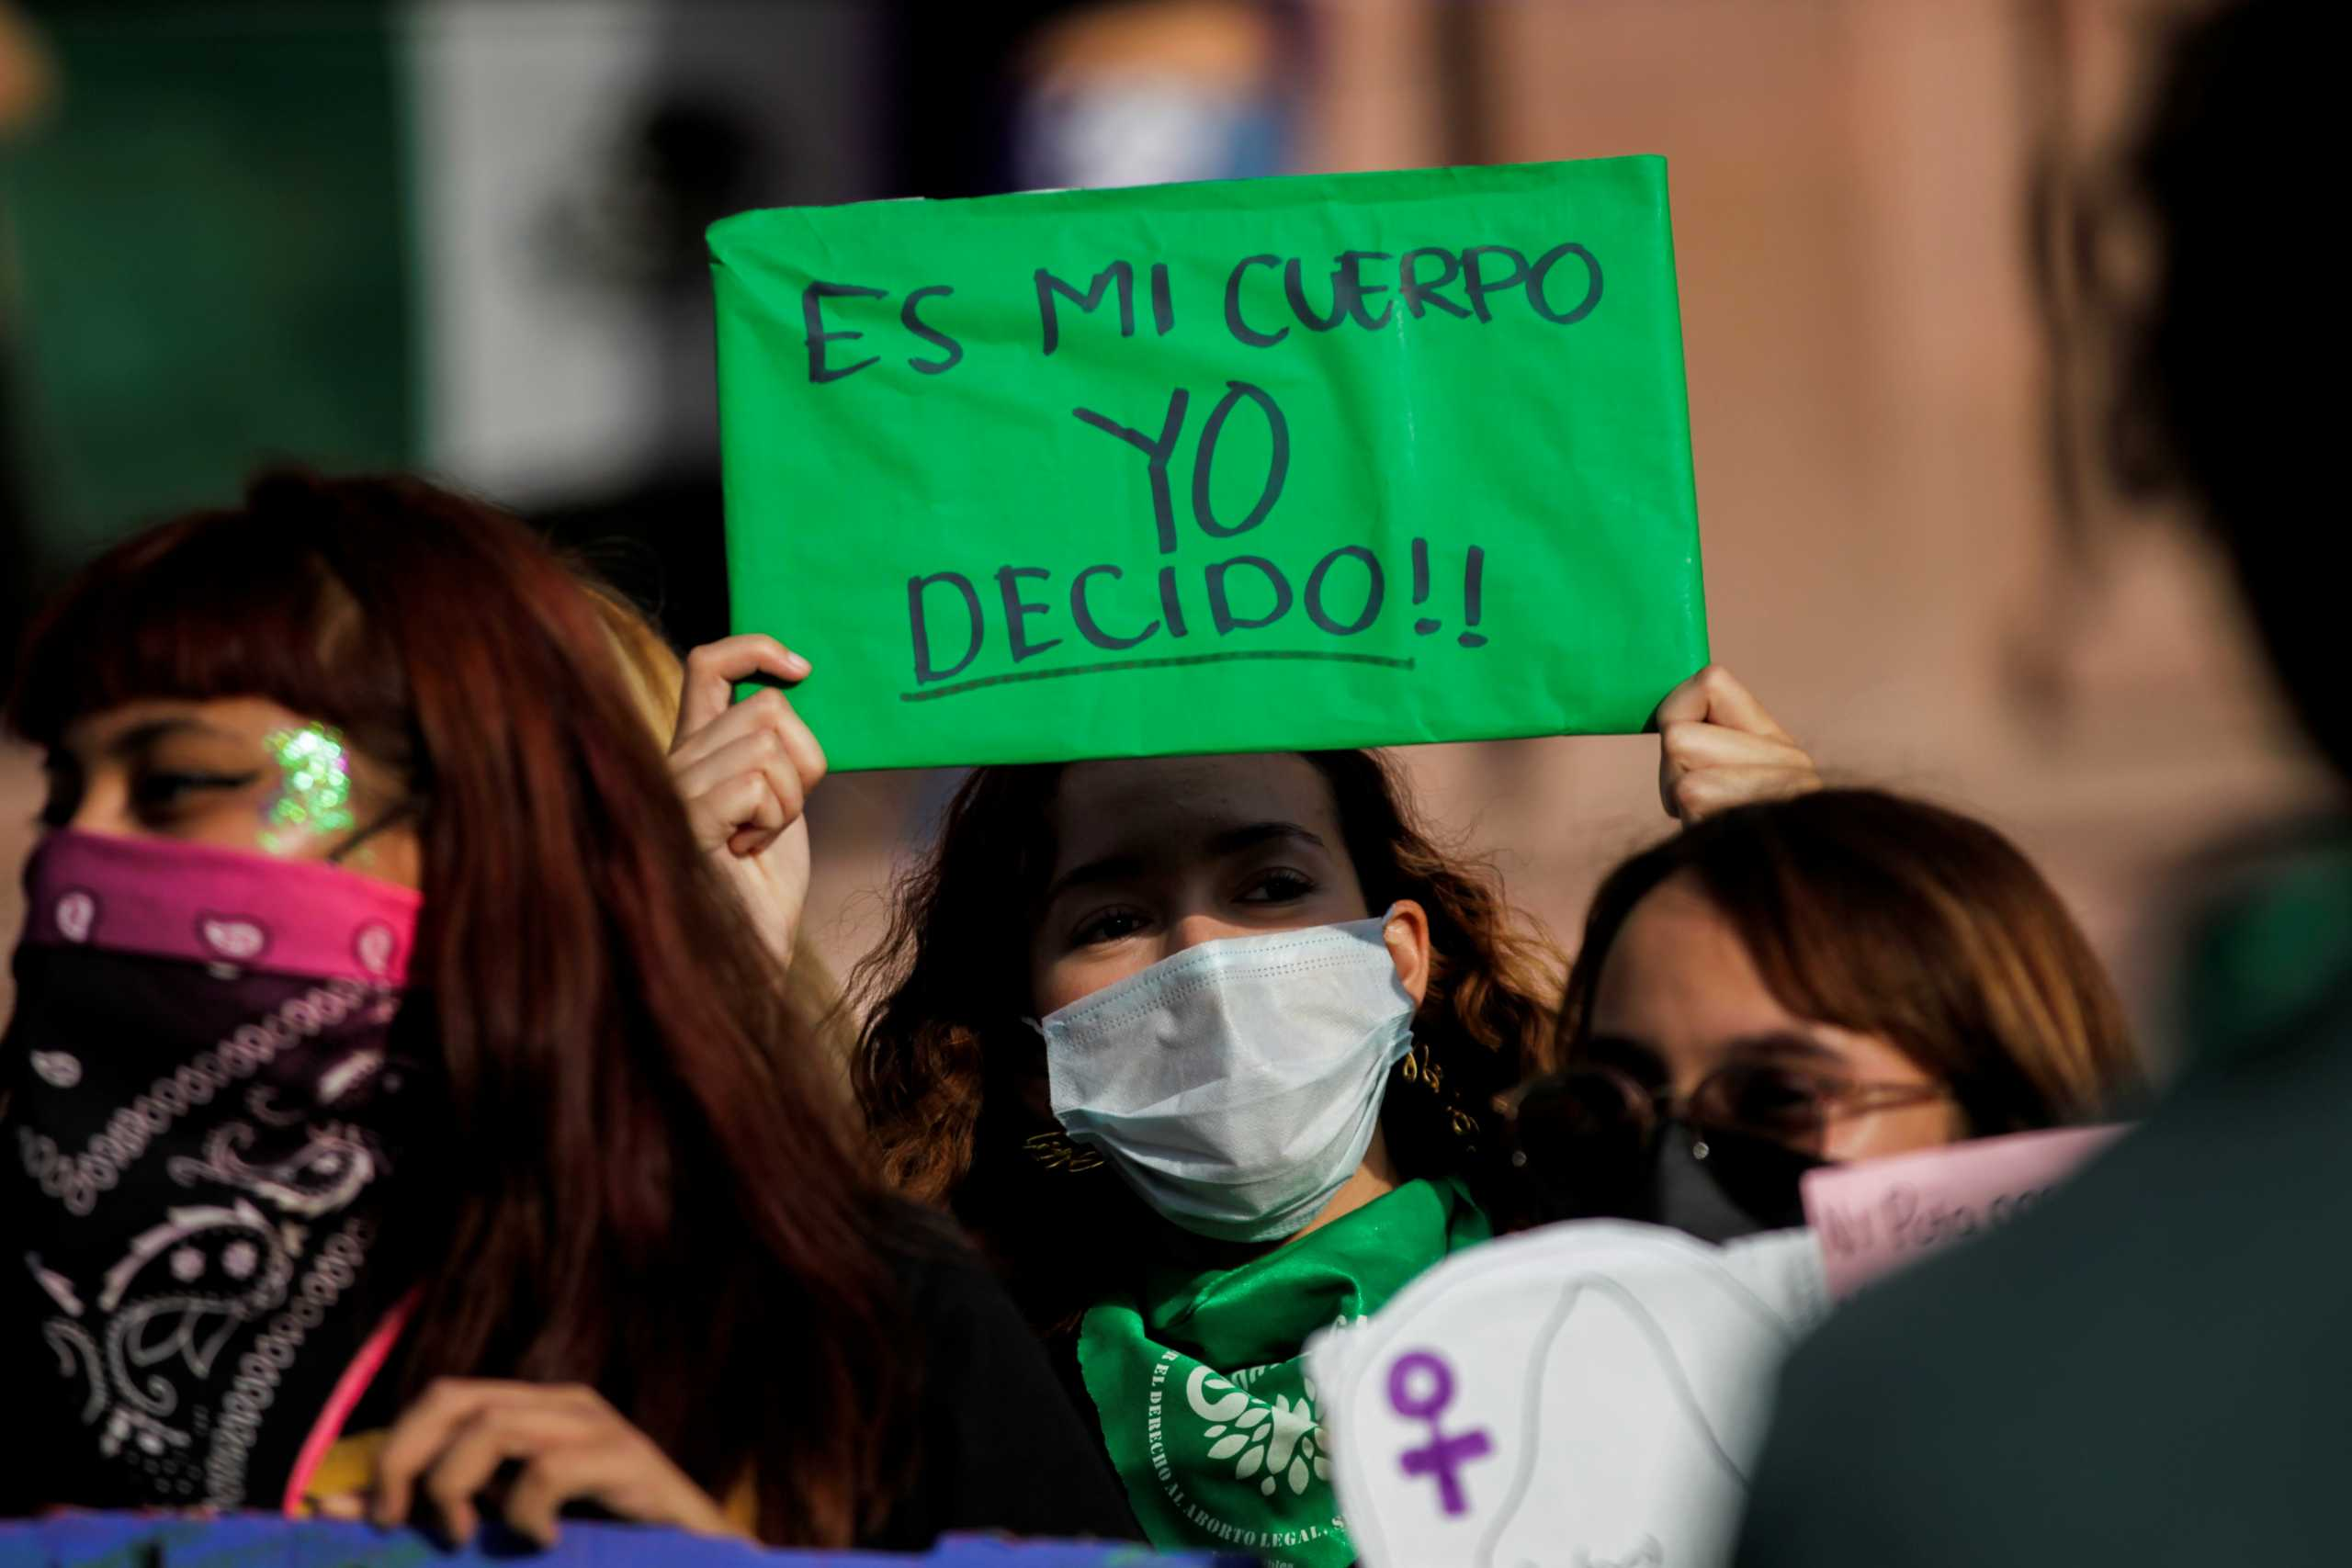 Απόφαση σταθμός στο Μεξικό: Αντισυνταγματική η ποινικοποίηση της άμβλωσης